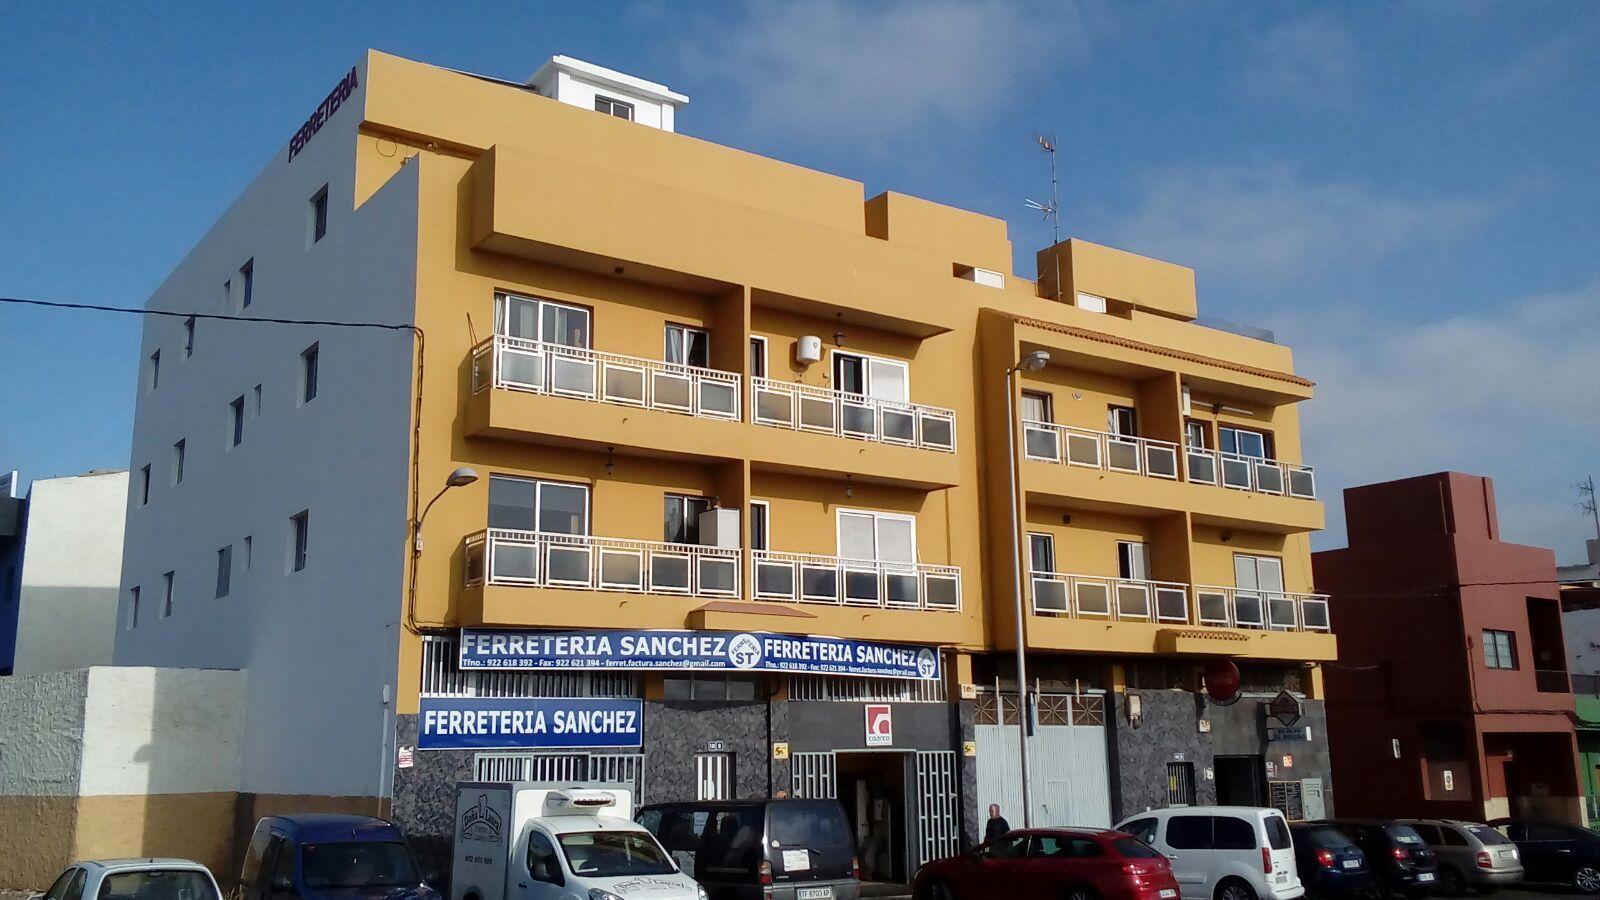 Foto 2 de Ferreterías en Santa Cruz de Tenerife | Ferretería Sánchez